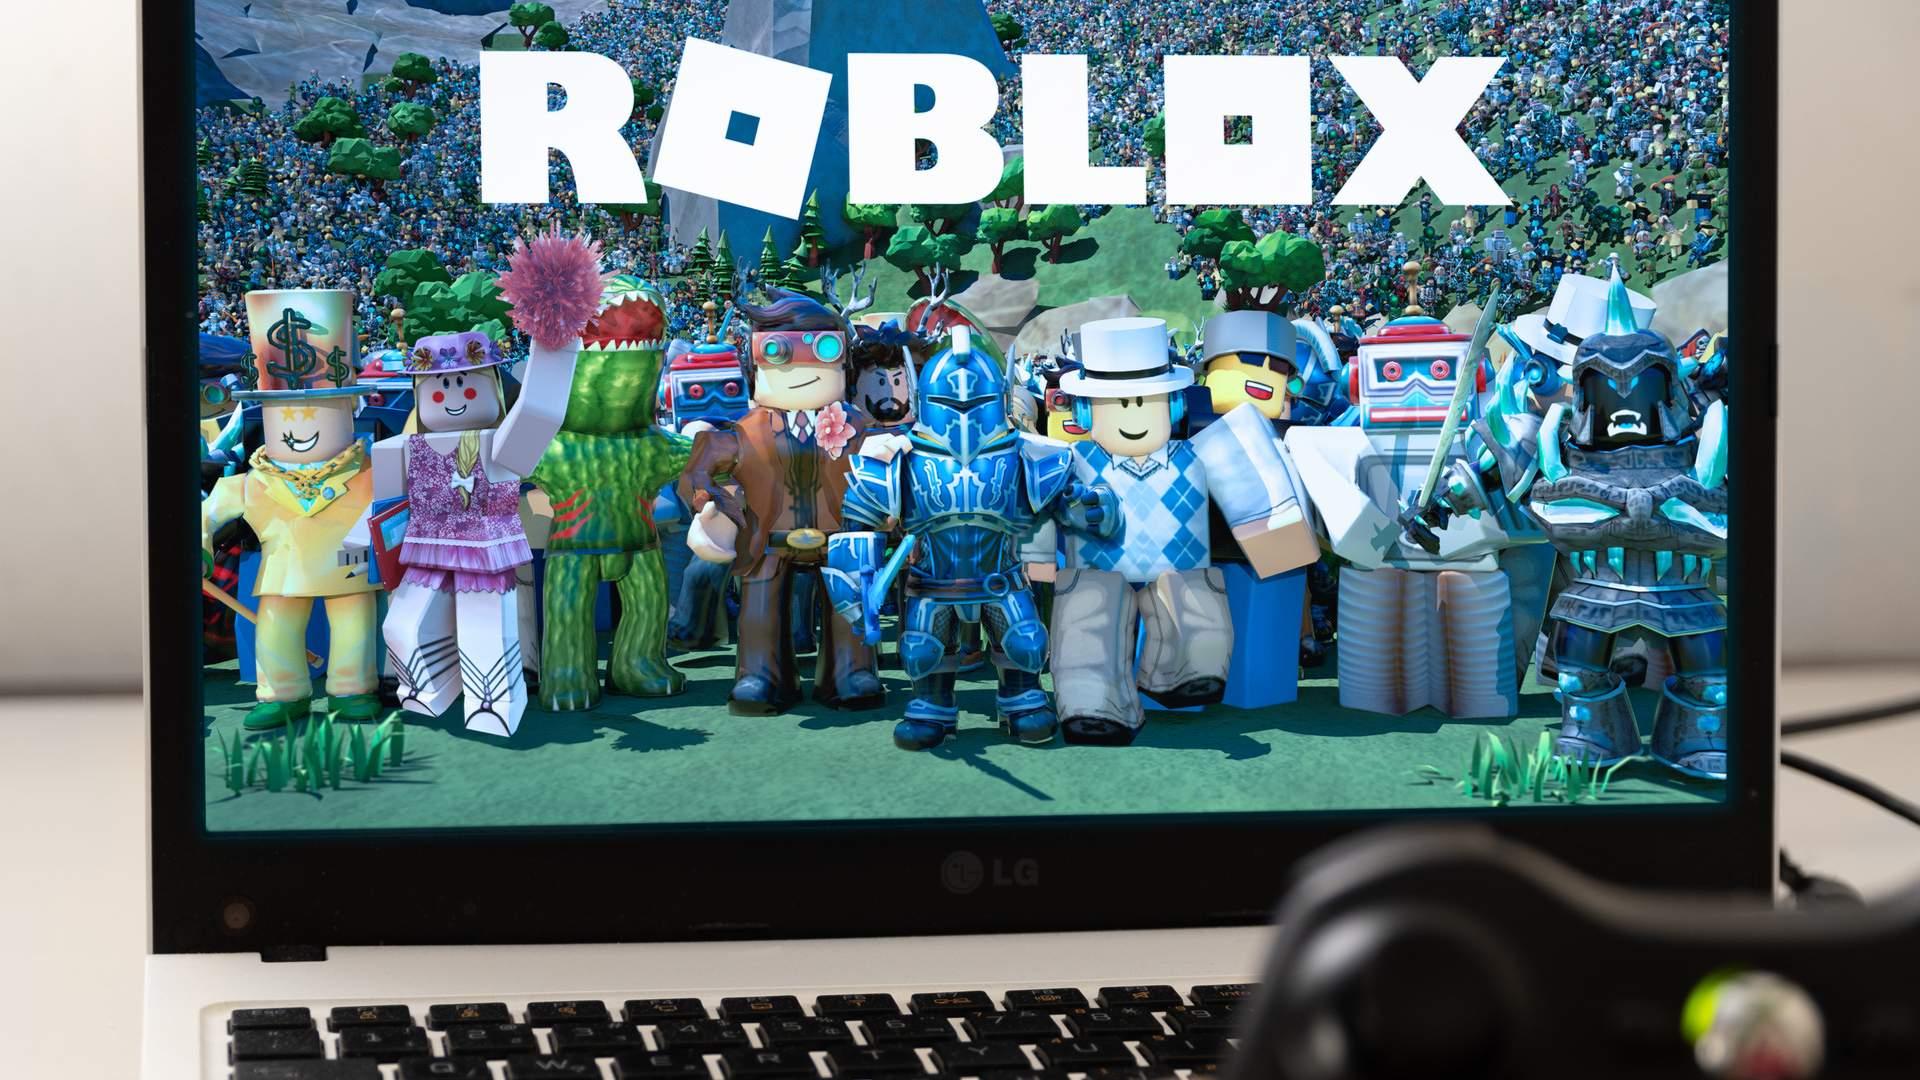 Criado para incentivar a criatividade e o surgimento de comunidades online, Roblox está disponível para diversas plataformas (Fonte: Shutterstock/Miguel Lagoa)